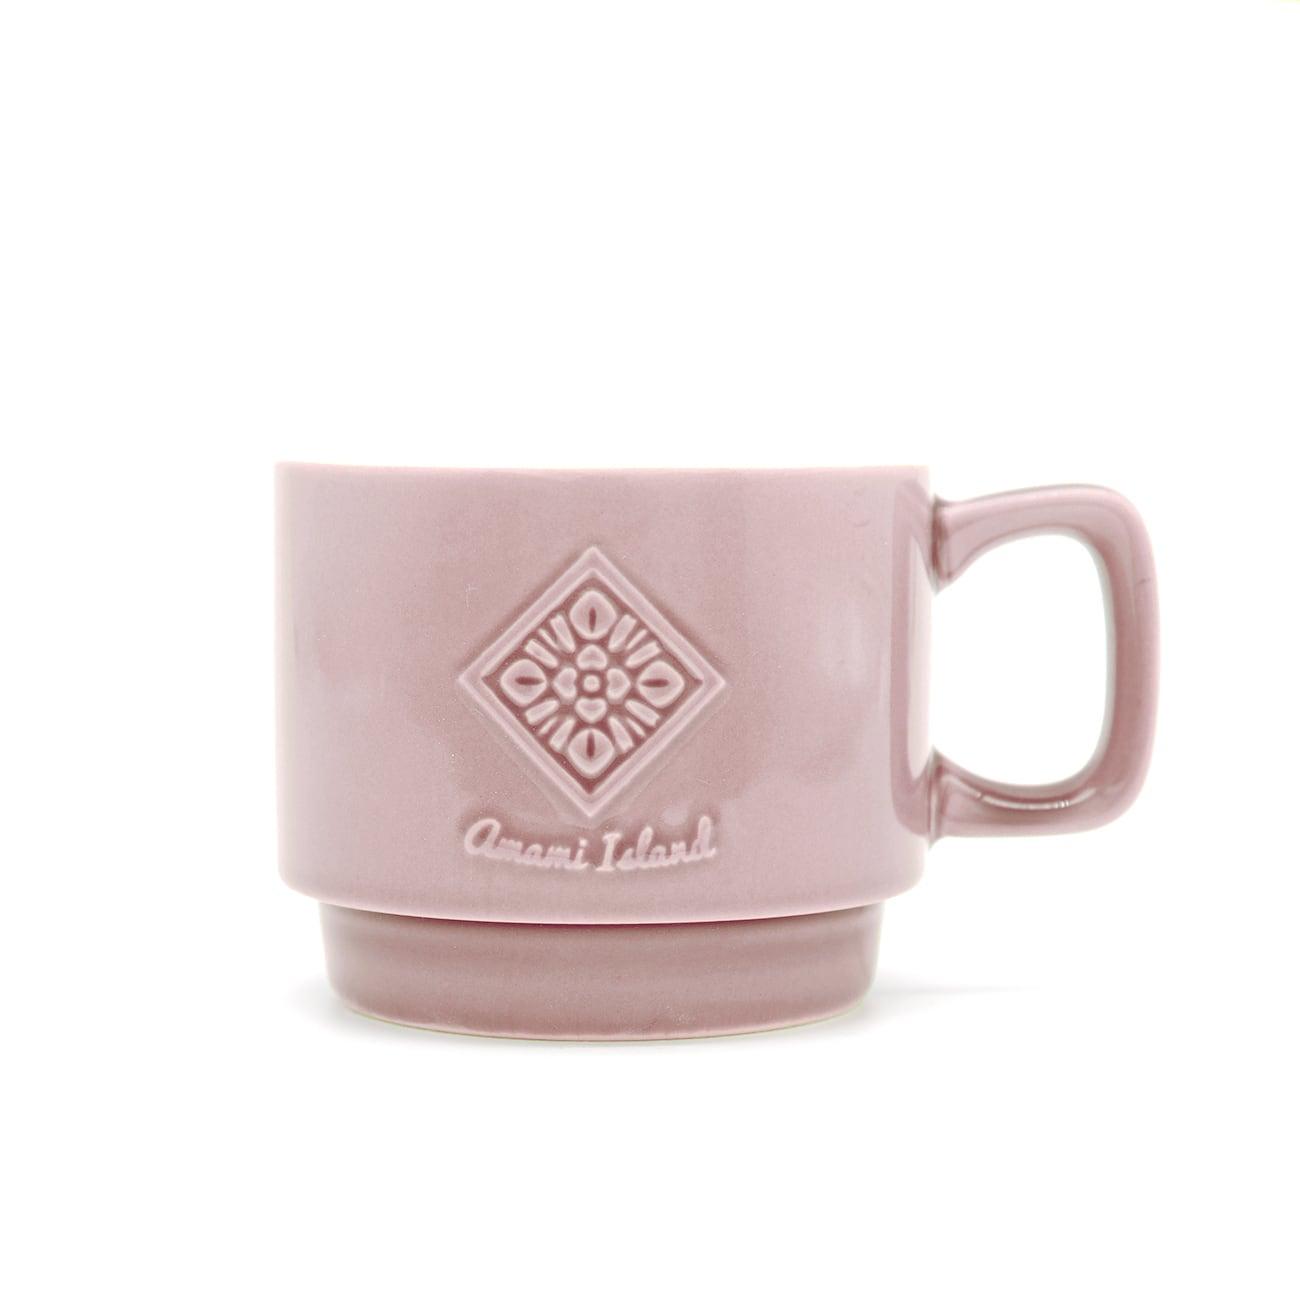 オリジナルマグカップ   ラベンダー   紬柄